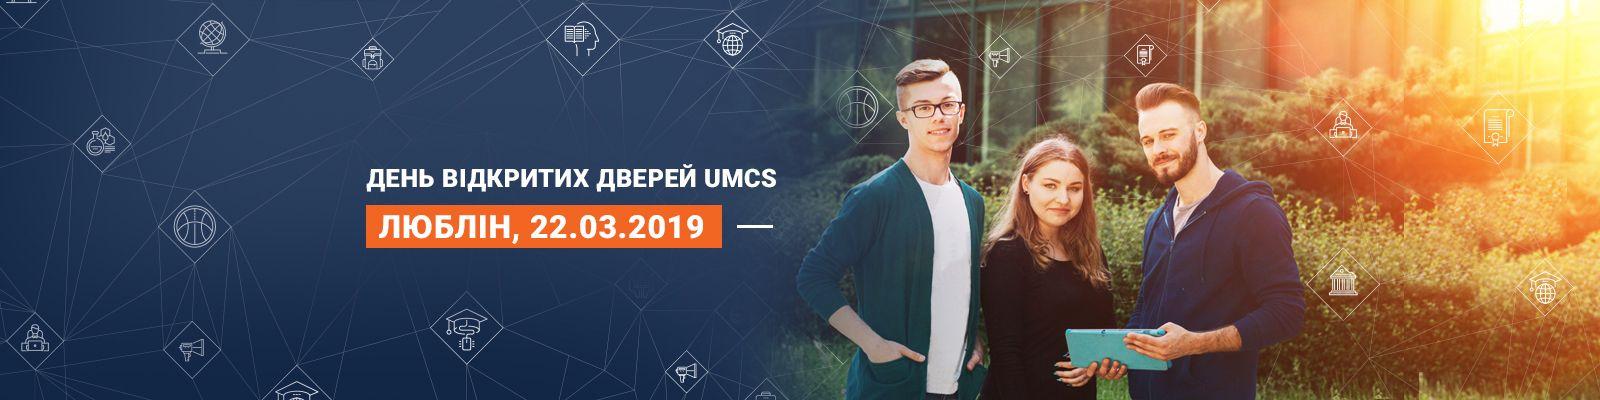 День відкритих дверей  UMCS